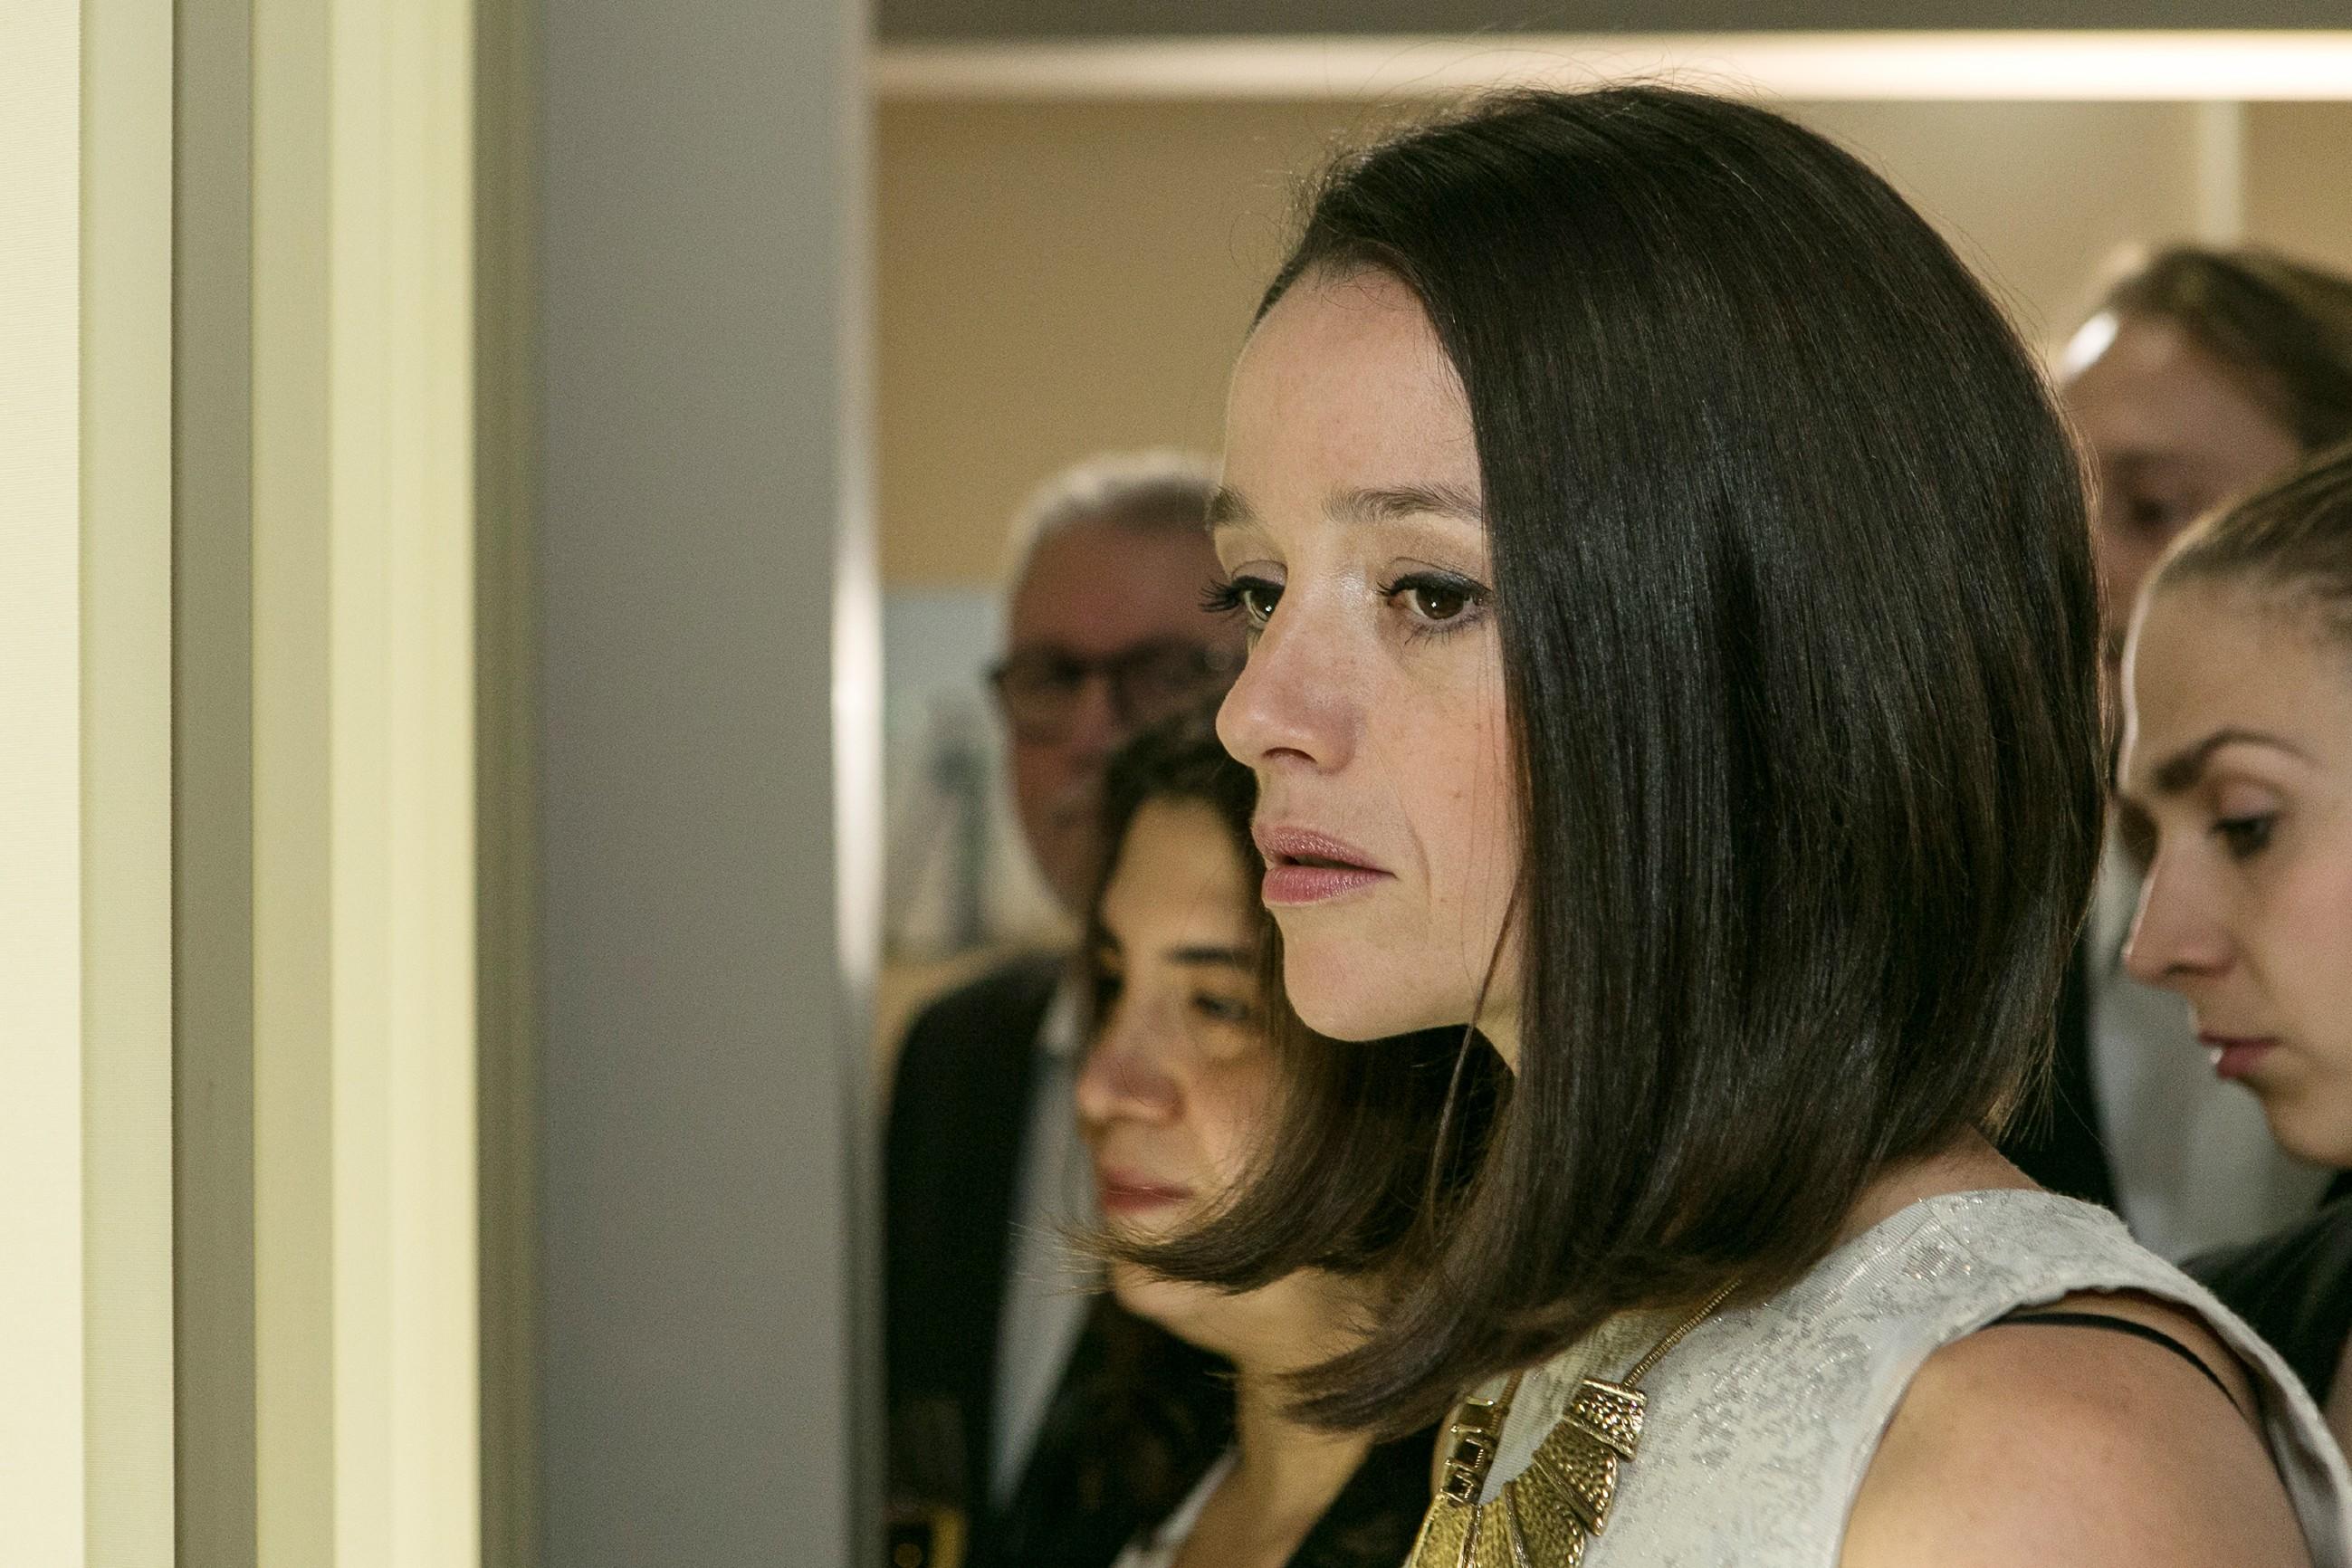 Deniz' Liebesgeständnis war eindeutig, doch bei allem, was Jenny (Kaja Schmidt-Tychsen) mit ihm schon durchgemacht hat, ist ihre Unsicherheit noch groß. Meint Deniz es dieses Mal wirklich ernst? (Quelle: RTL / Kai Schulz)